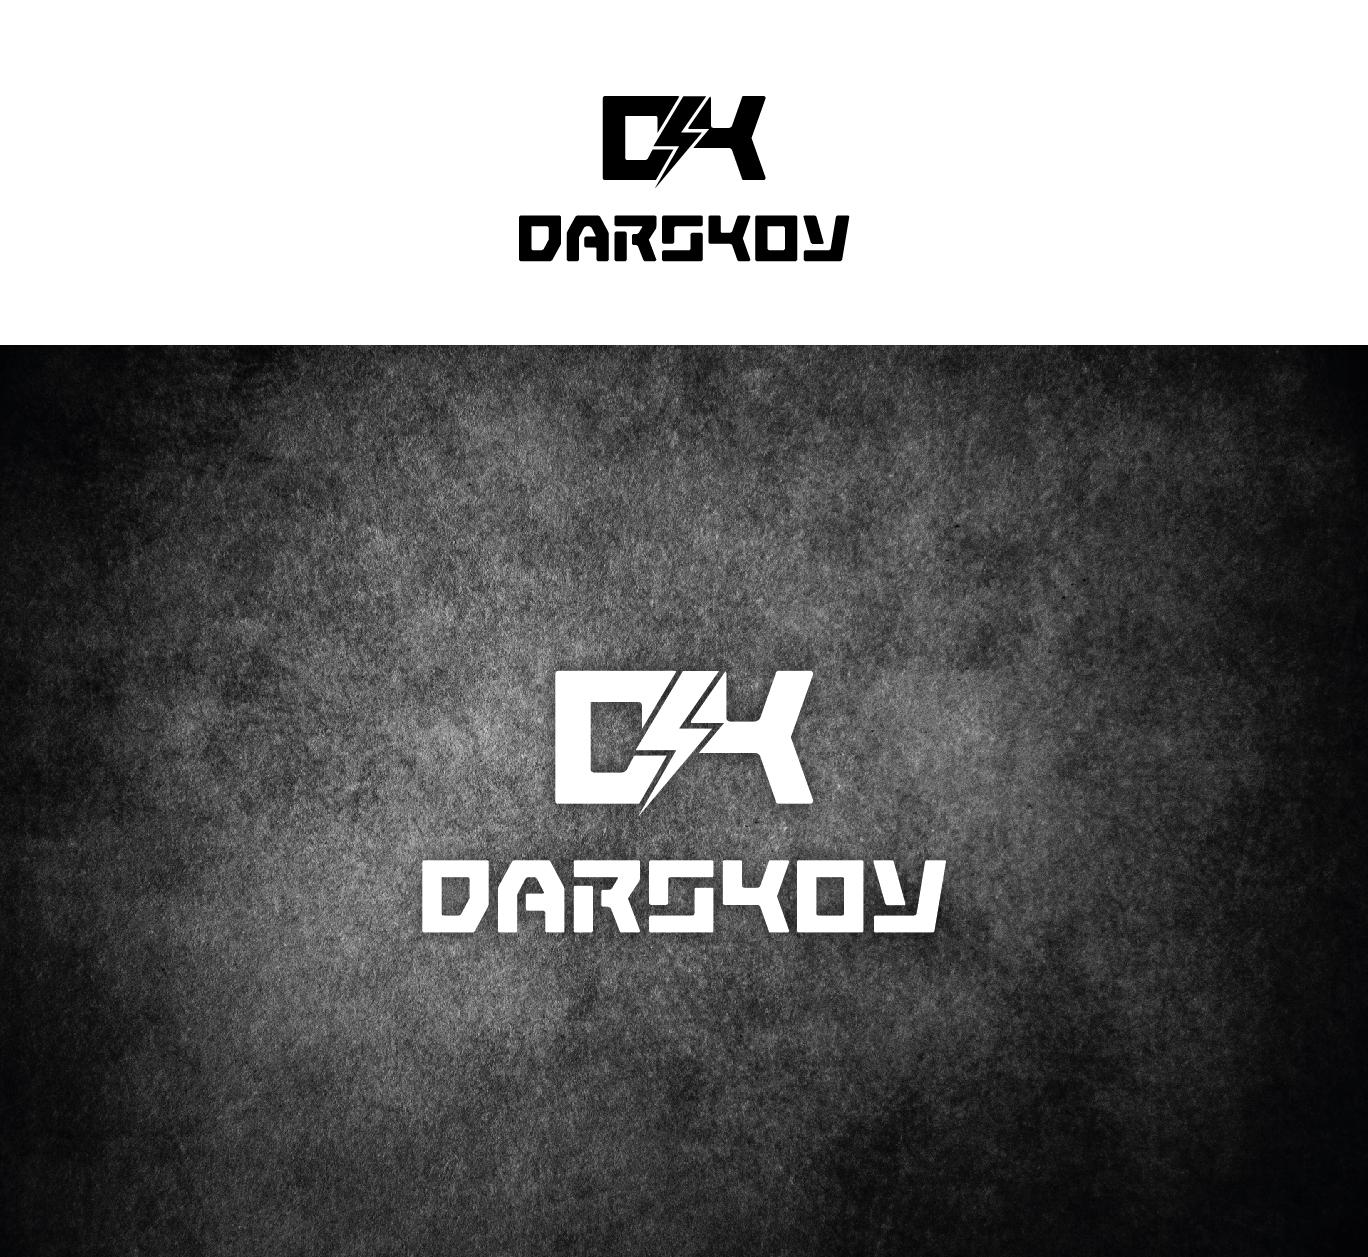 Нарисовать логотип для сольного музыкального проекта фото f_9535ba93dbbe3ab6.jpg